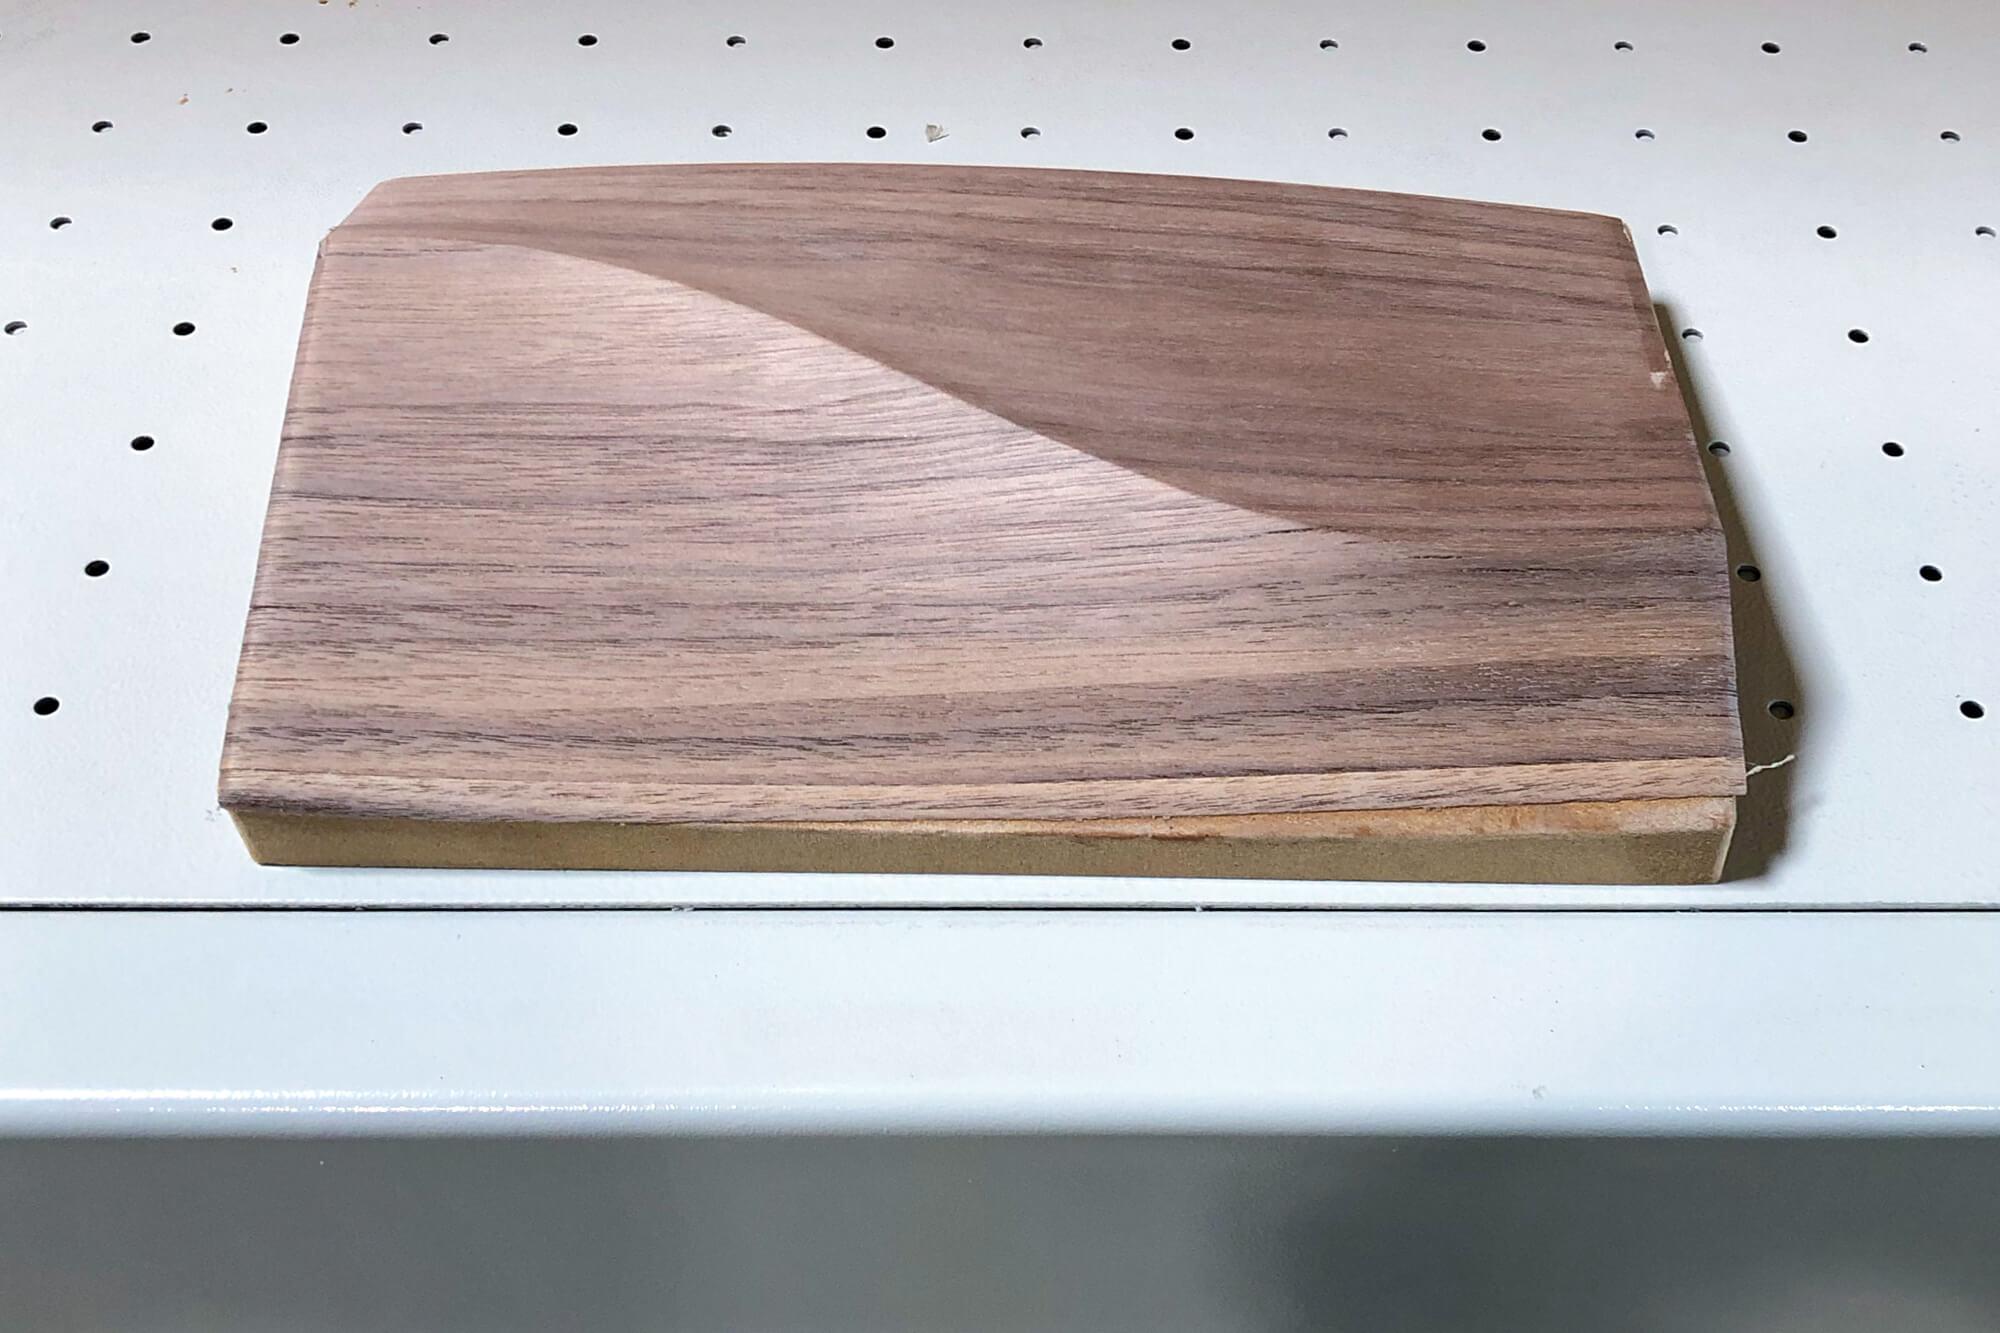 Pieza de madera chapada con volumen